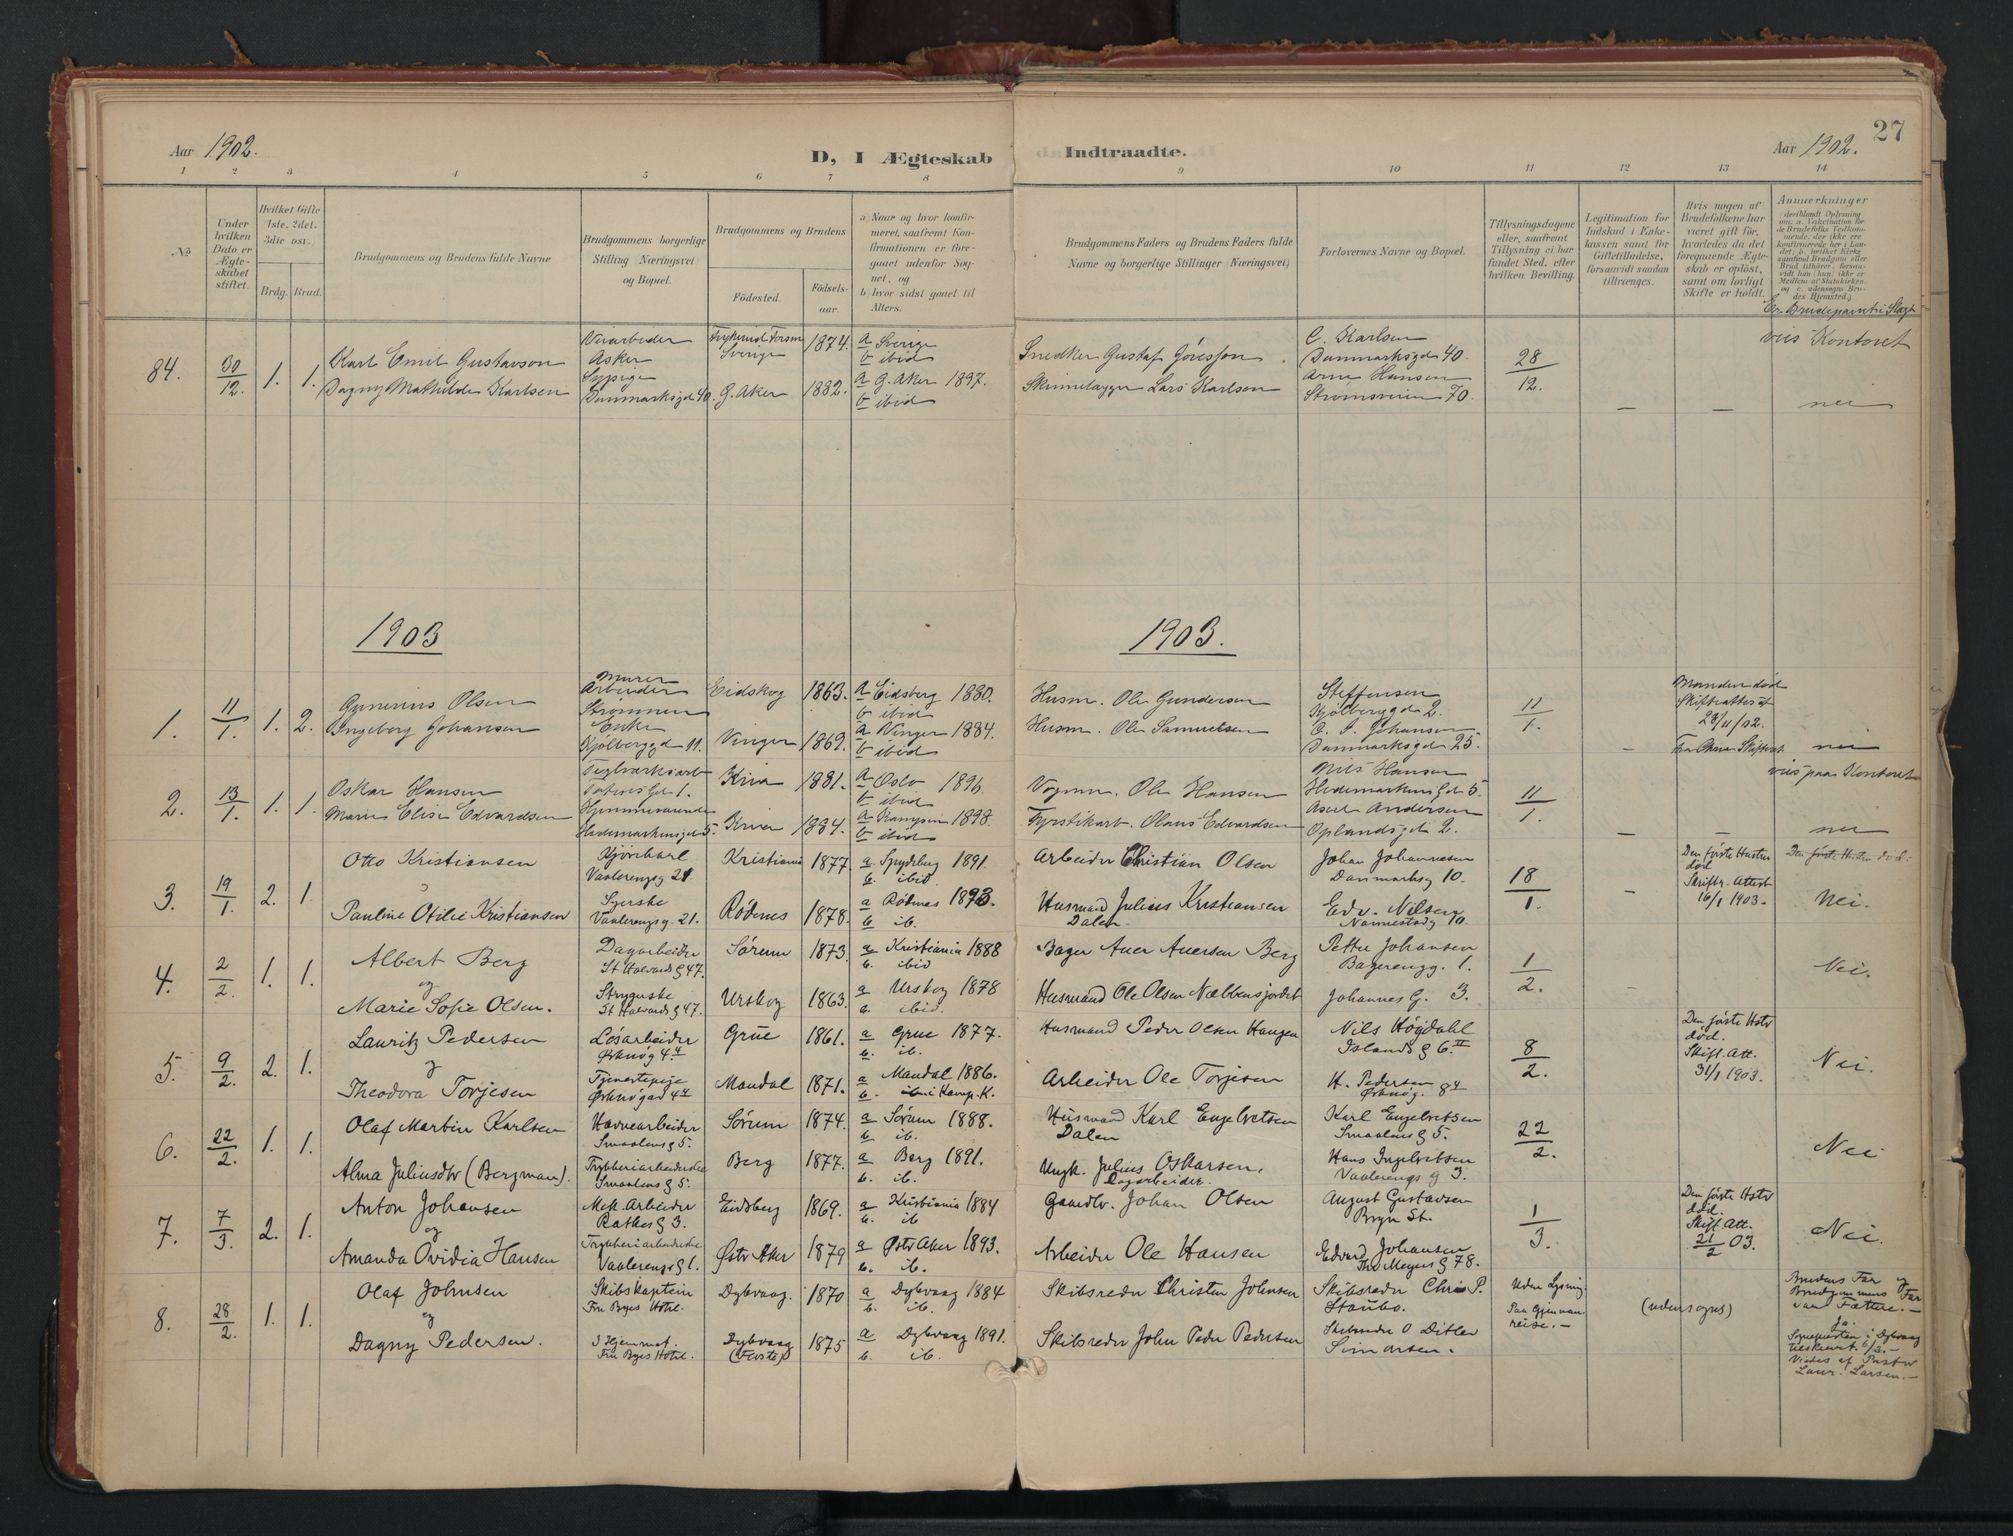 SAO, Vålerengen prestekontor Kirkebøker, F/Fa/L0002: Ministerialbok nr. 2, 1899-1924, s. 27